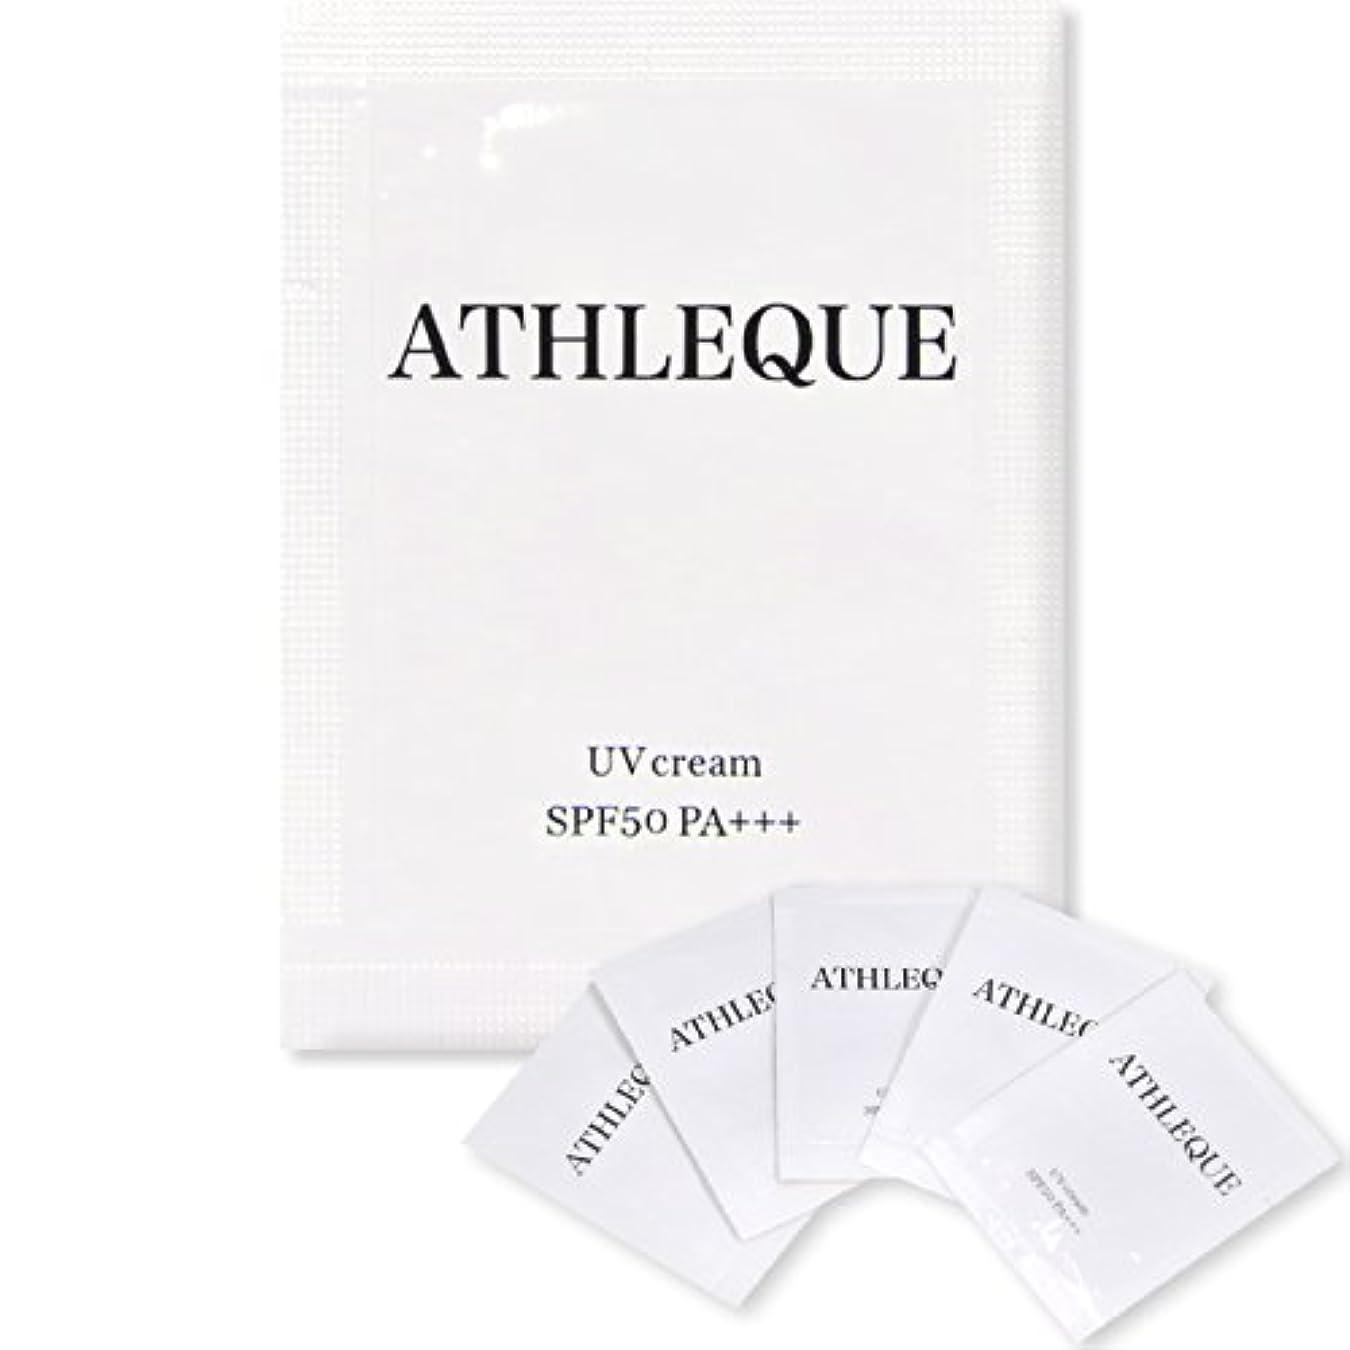 ブレンド優れた手数料ATHLEQUE UVクリーム SPF50 PA+++ mini5 2g×5個=10g